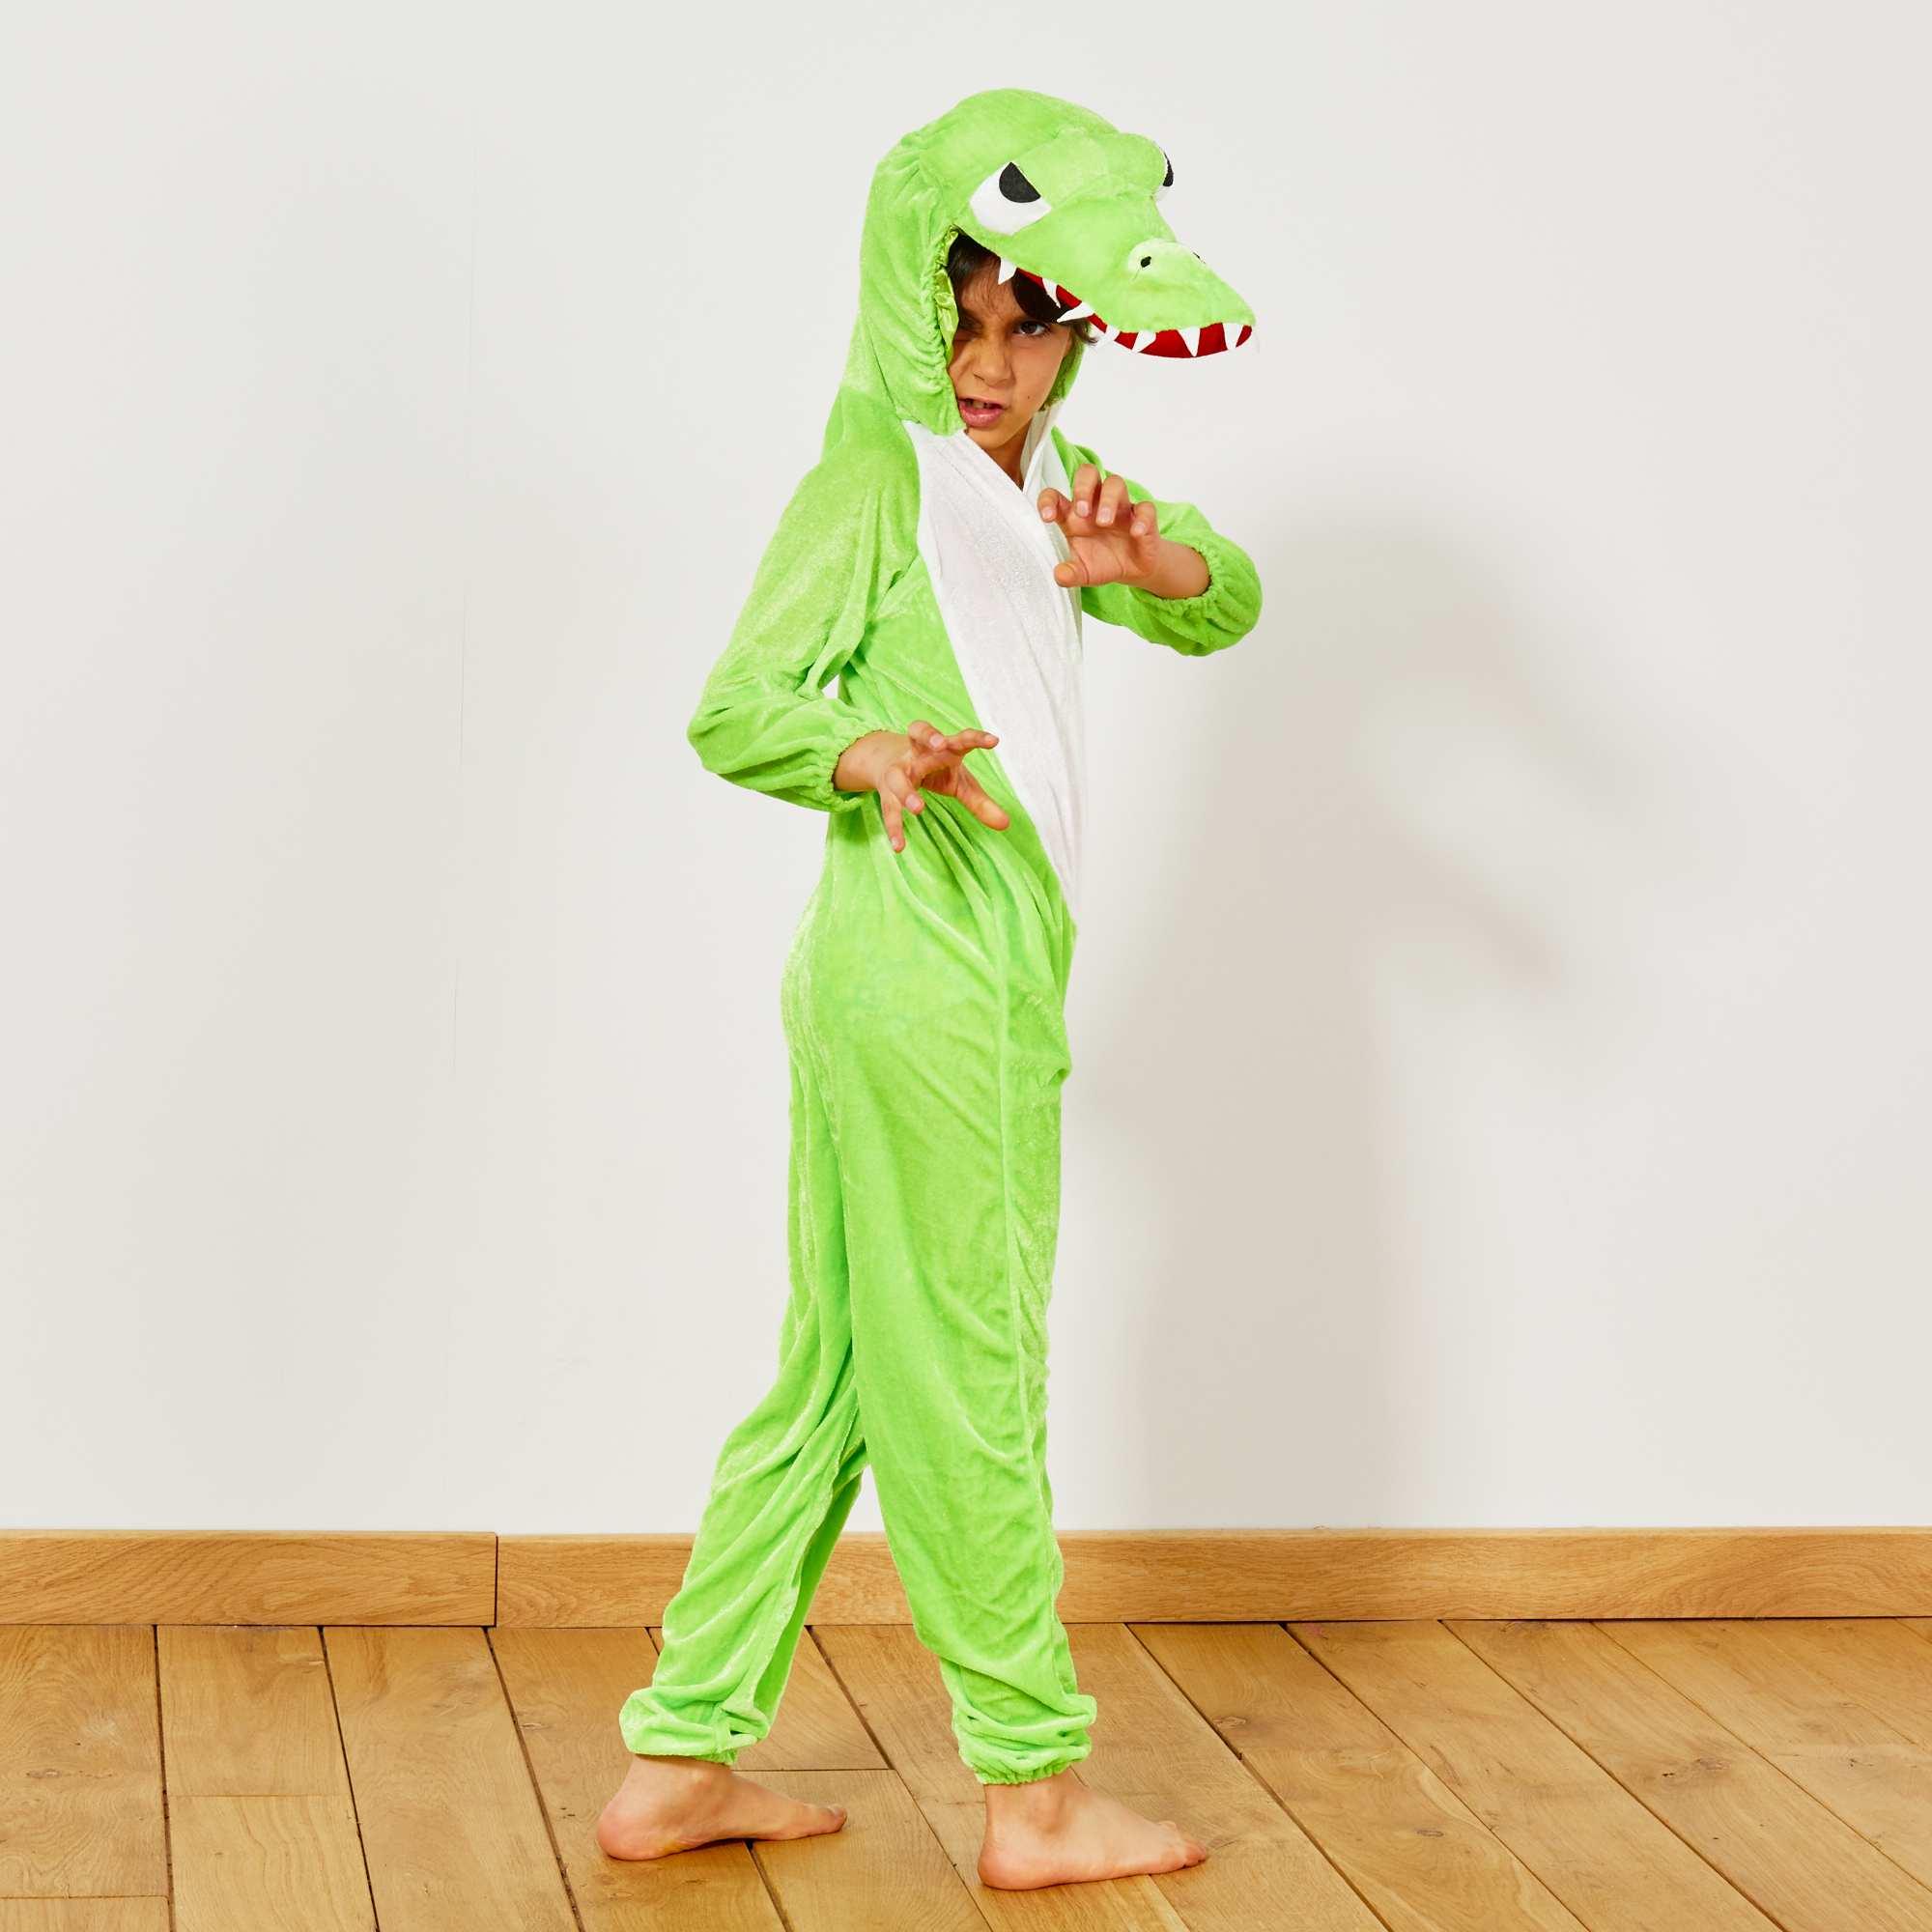 Couleur : vert, , ,, - Taille : 5/6A, 3/4A, ,,Effrayez gentiment vos amis avec le déguisement de crocodile ! - Le set comprend une